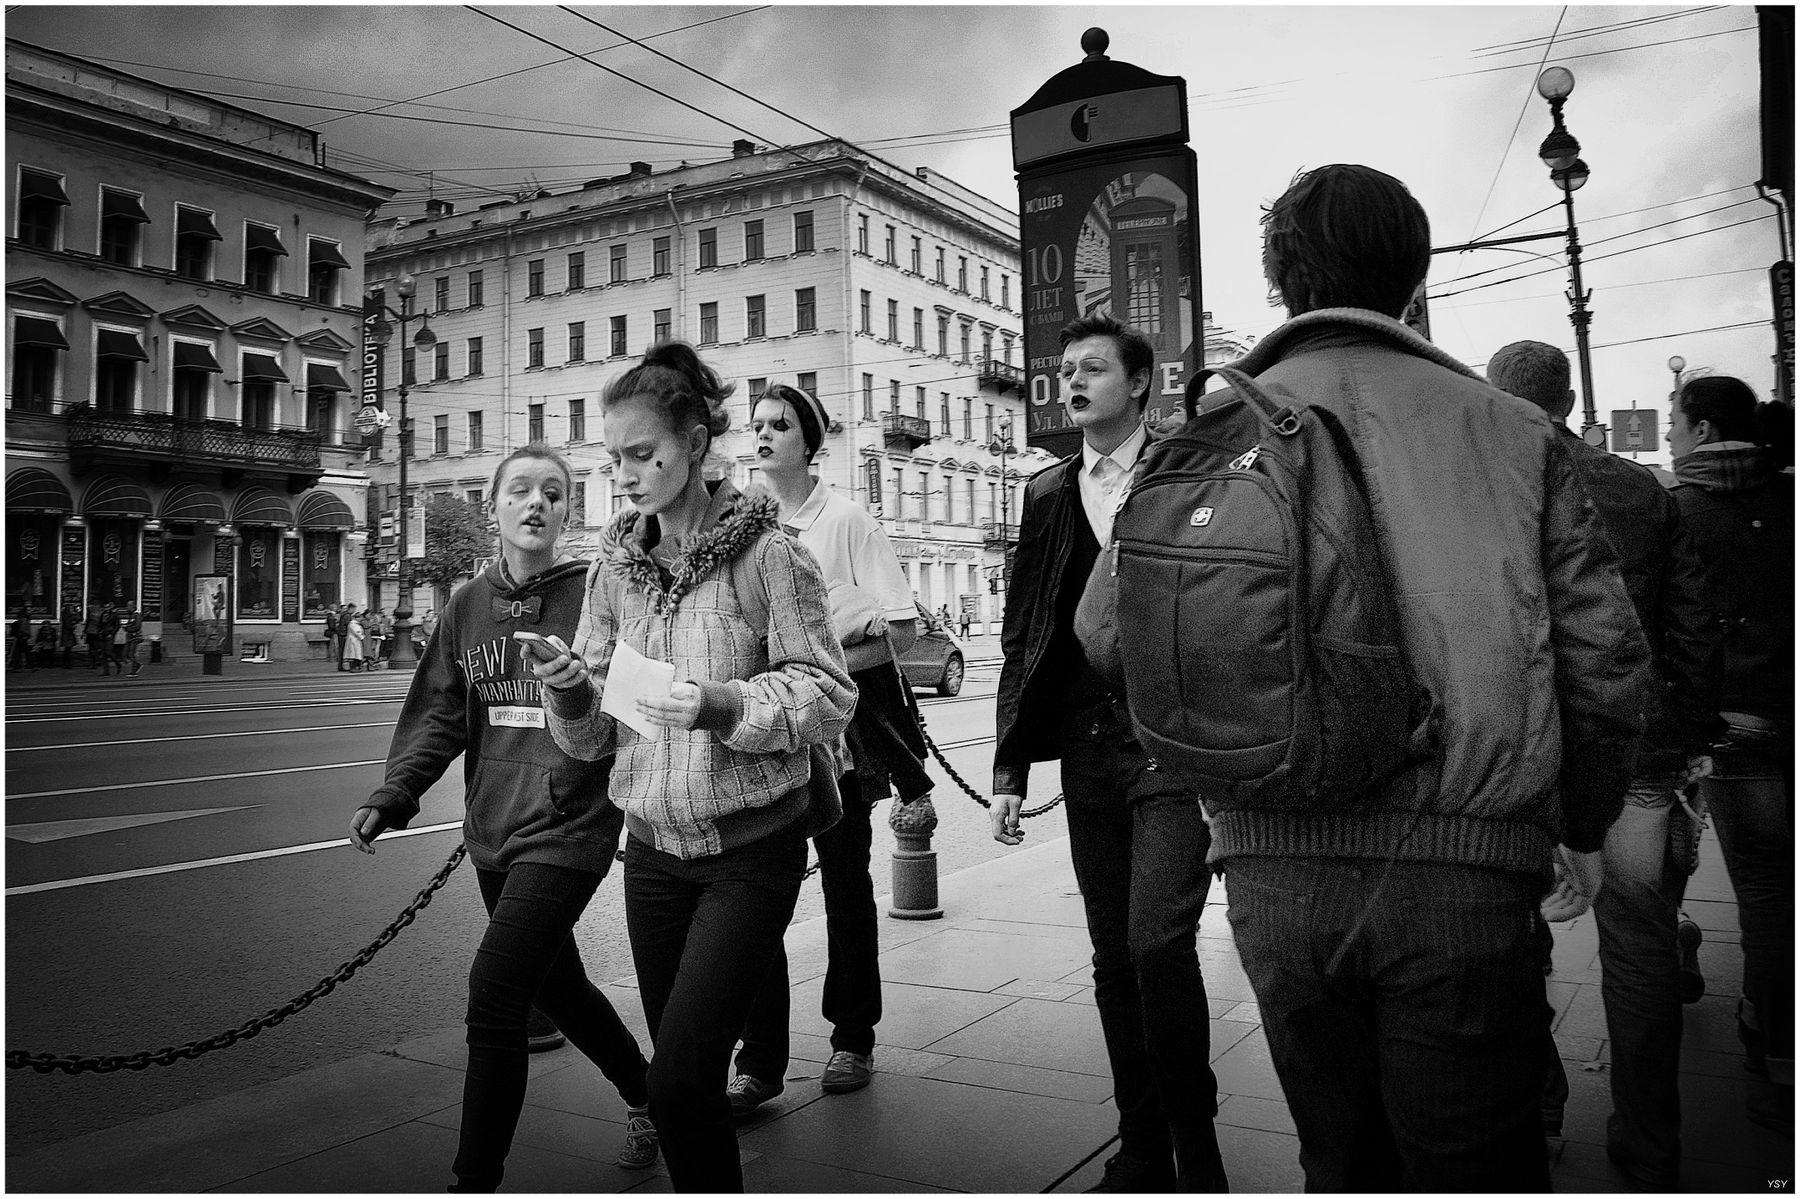 На невском проспекте... г. Санкт-петербург. путешествия чб